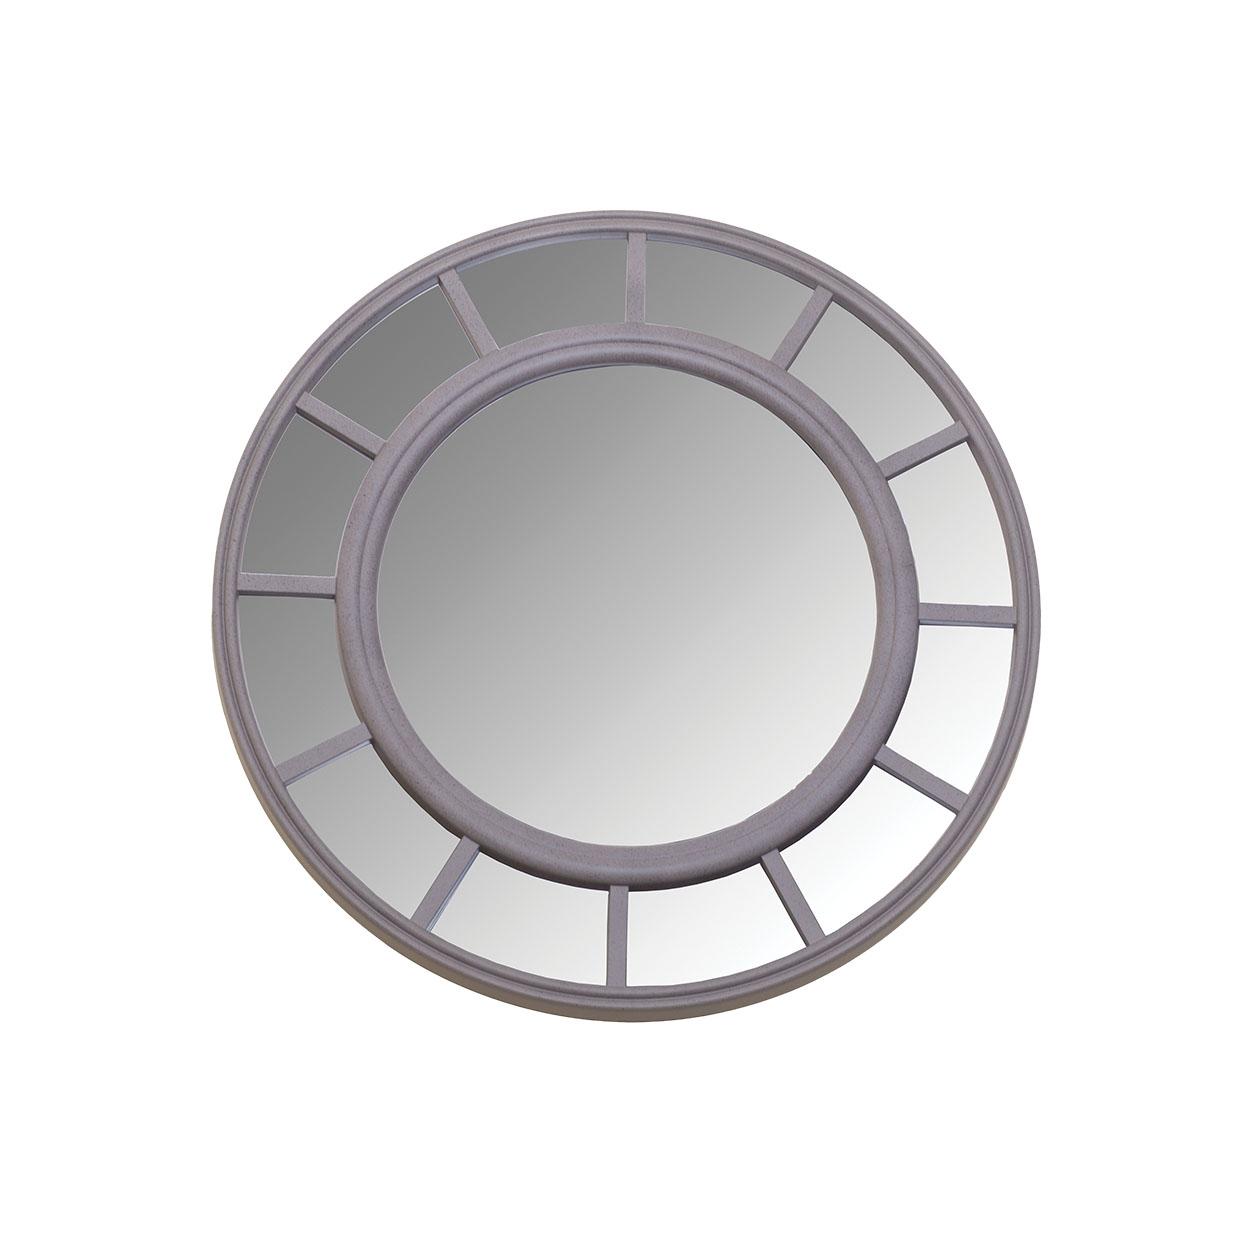 ЗеркалоНастенные зеркала<br><br><br>Material: Пластик<br>Глубина см: 2